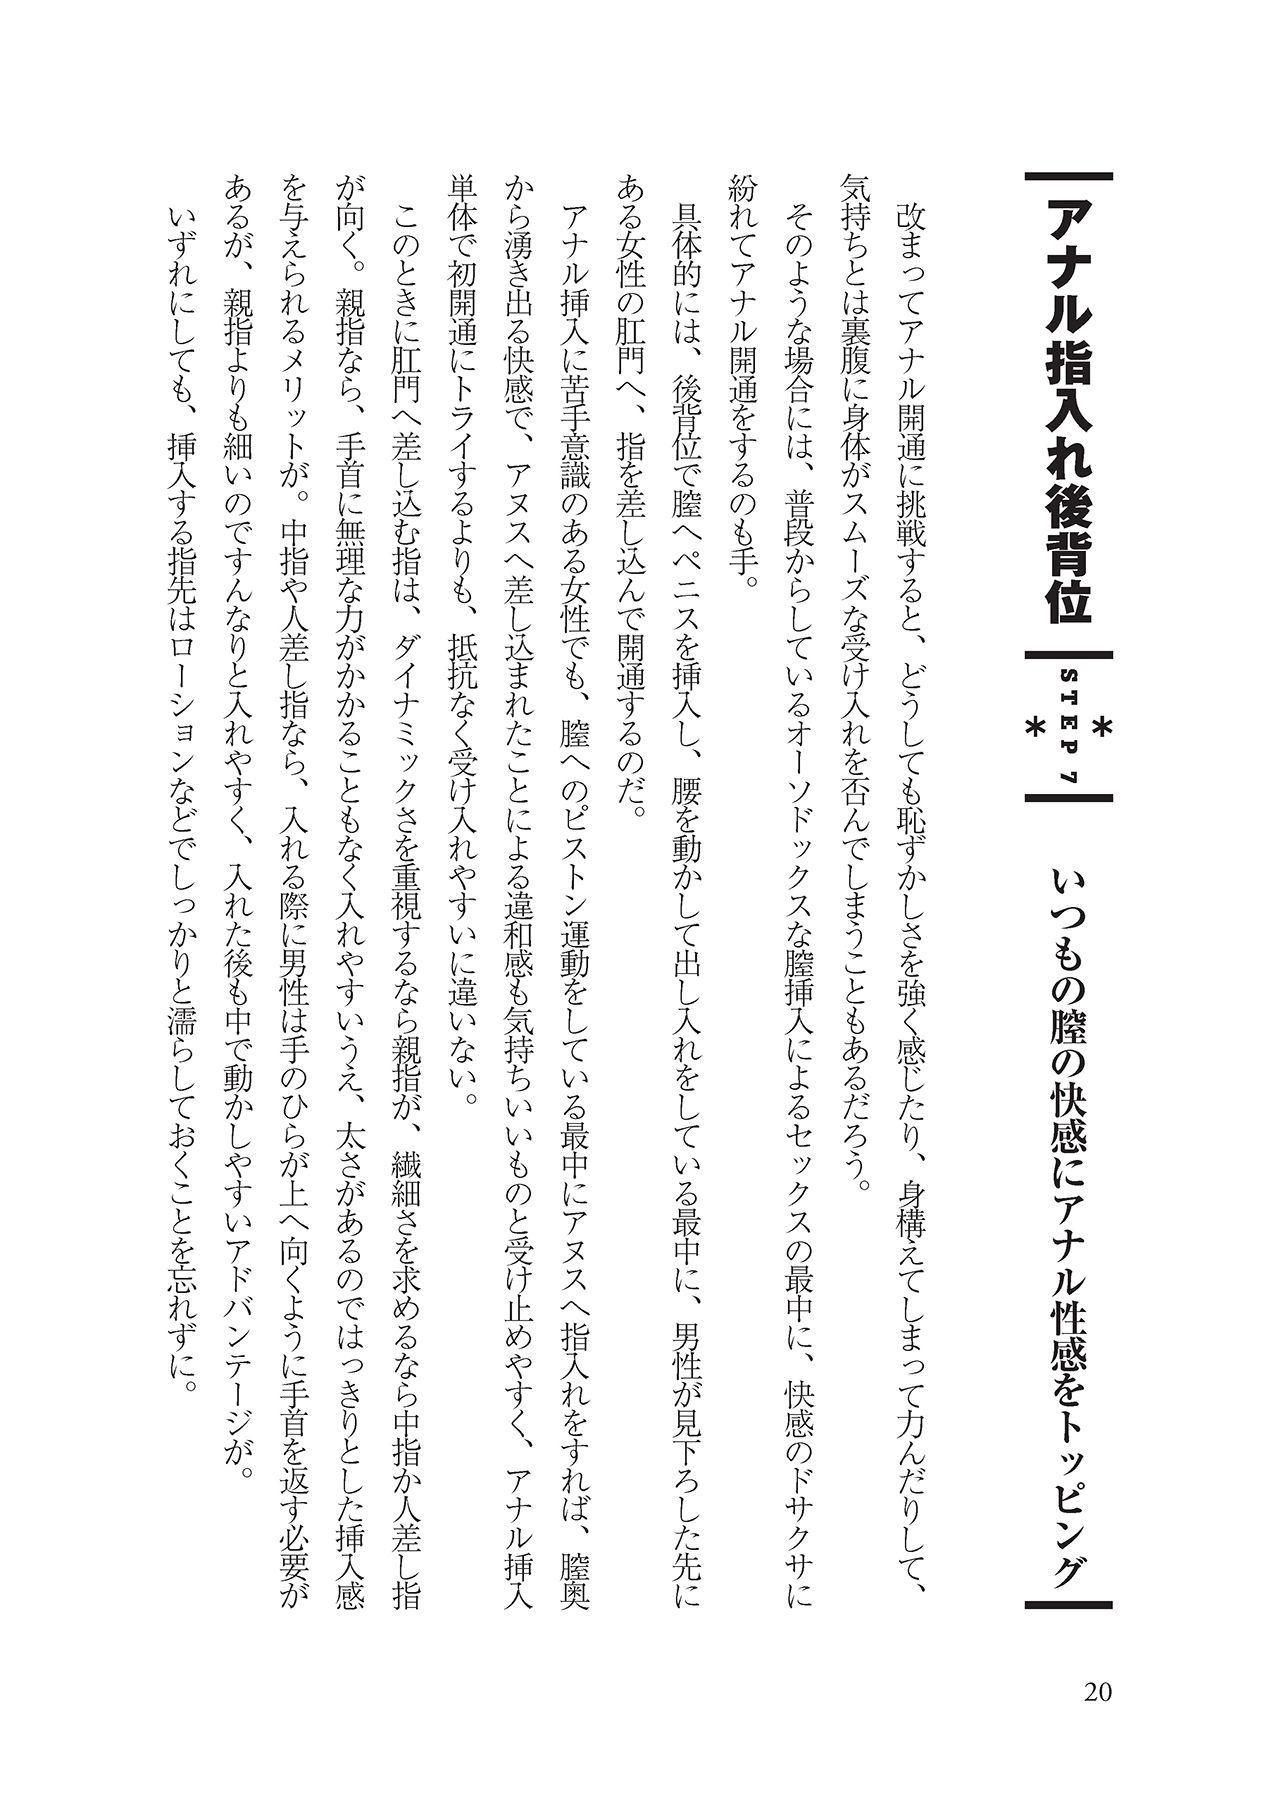 アナル性感開発・お尻エッチ 完全マニュアル 21